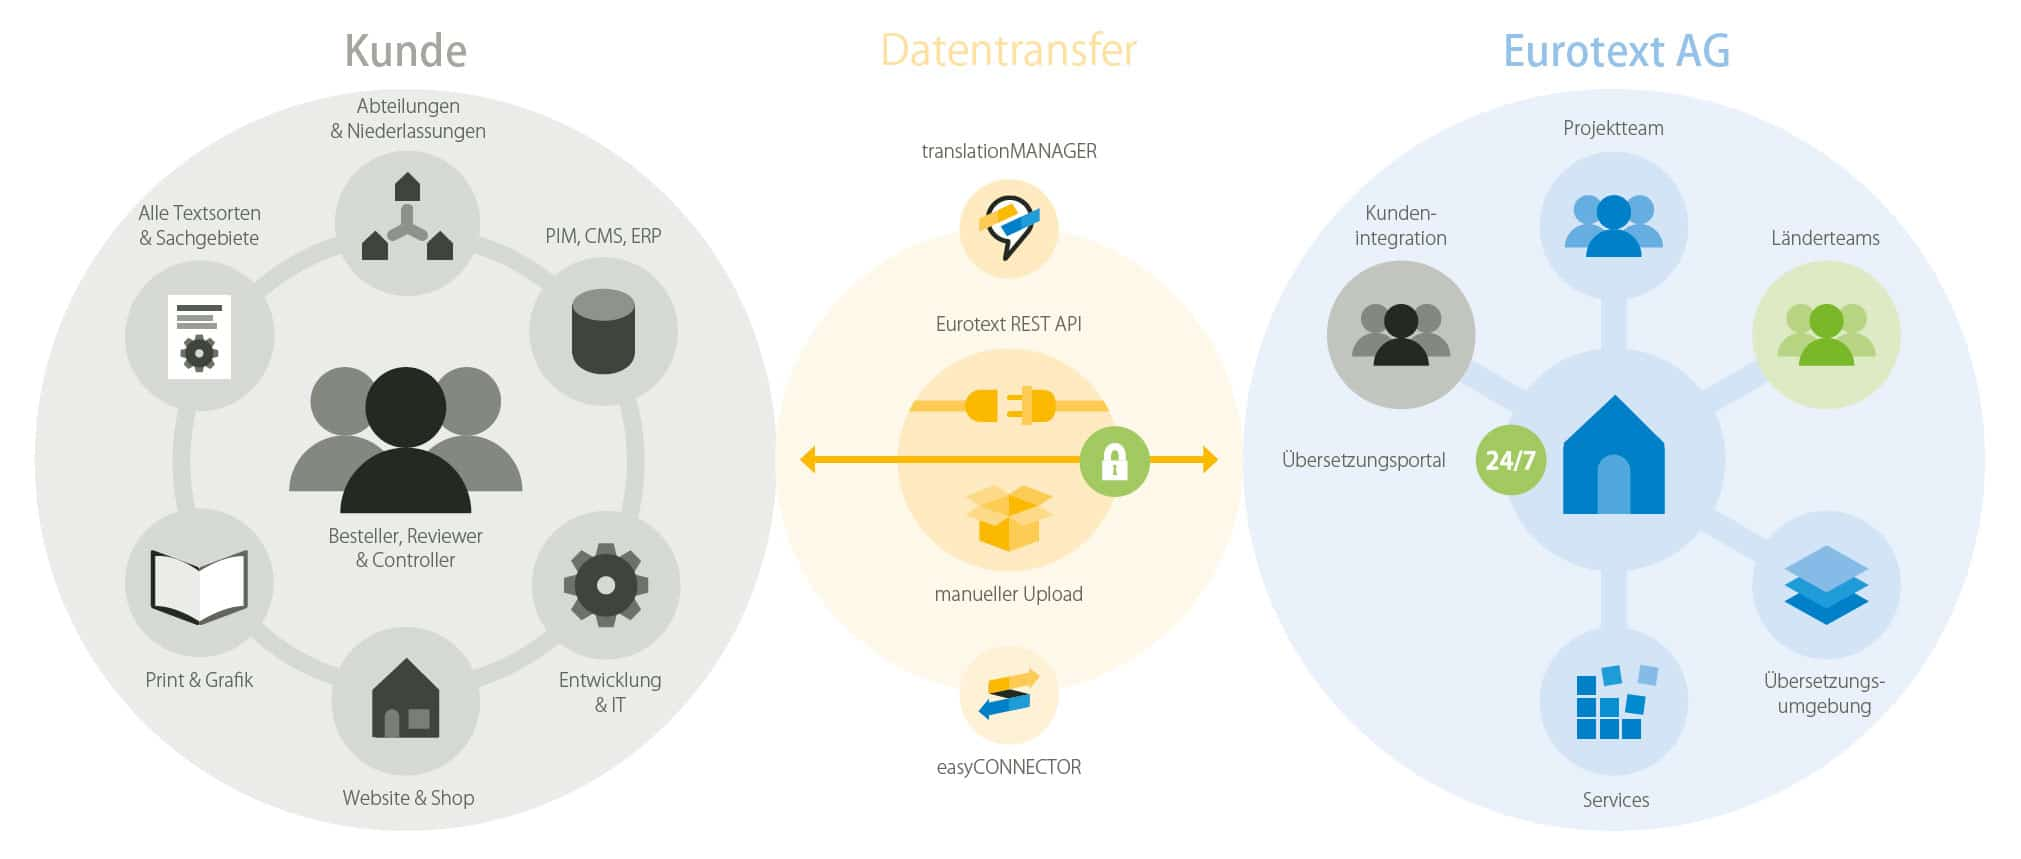 Eurotext AG Übersetzungsprozess Grafik